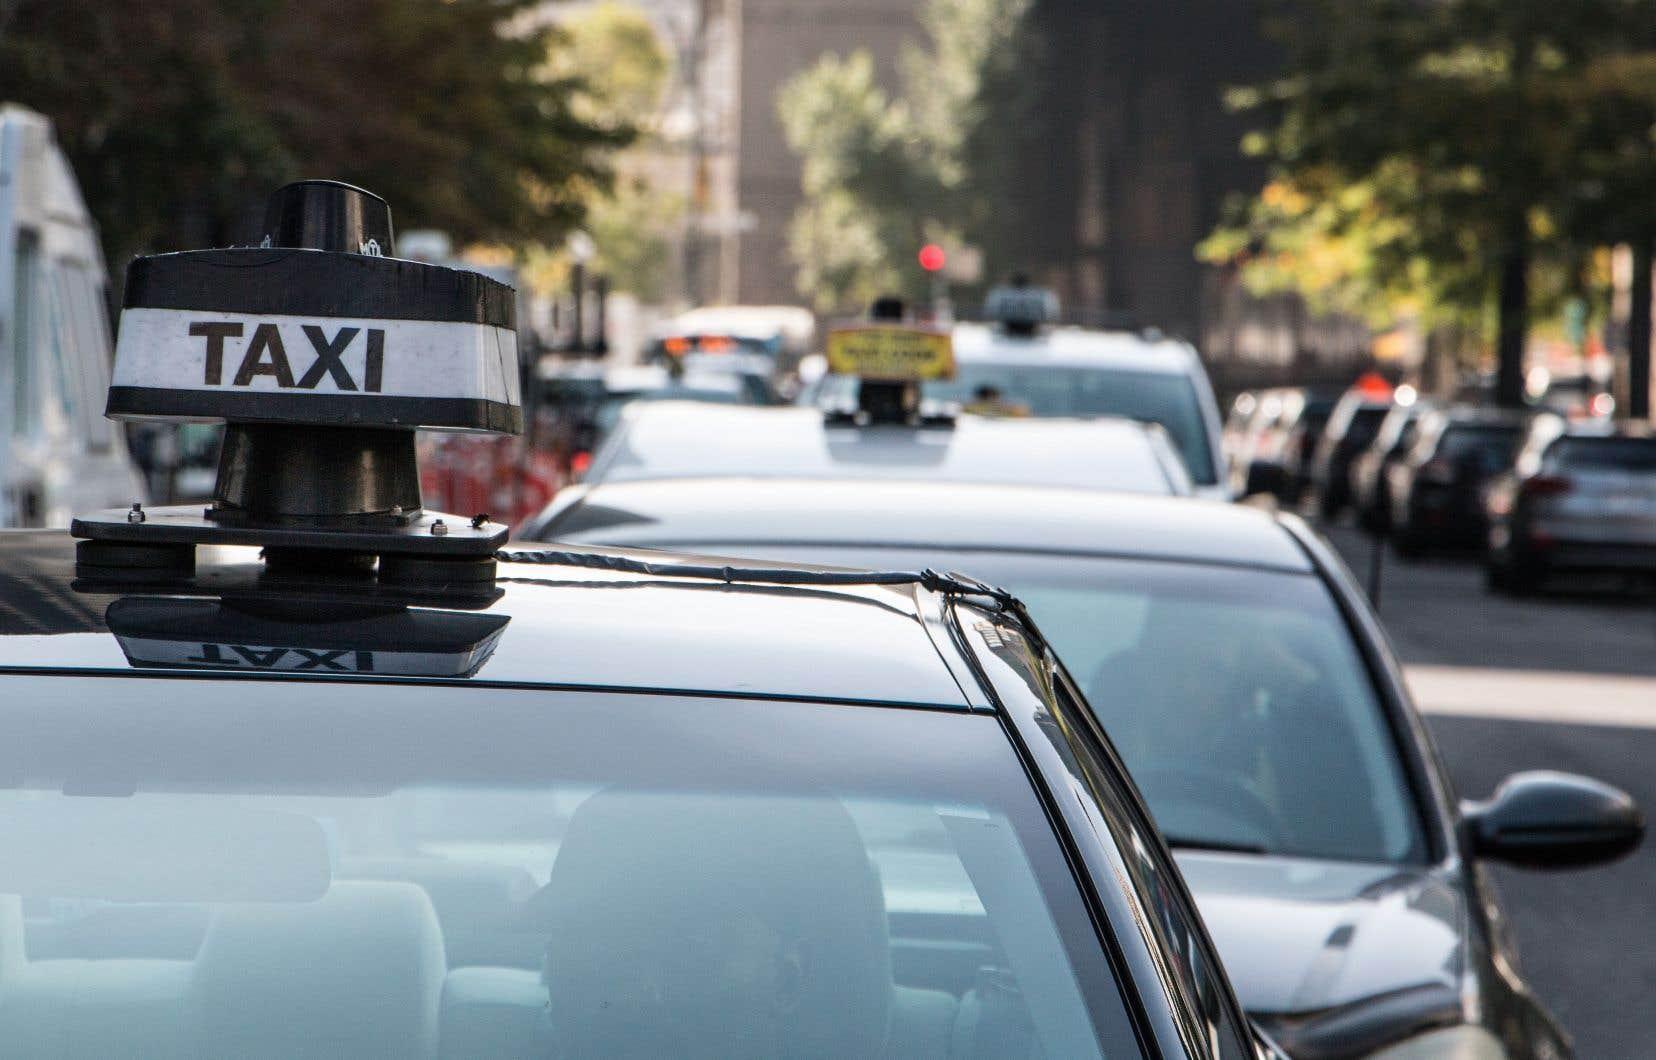 Plus tôt cette semaine, le ministre a annoncé une réforme qui prévoit notamment de mettre fin aux territoires exclusifs réservés et au contingentement des taxis.